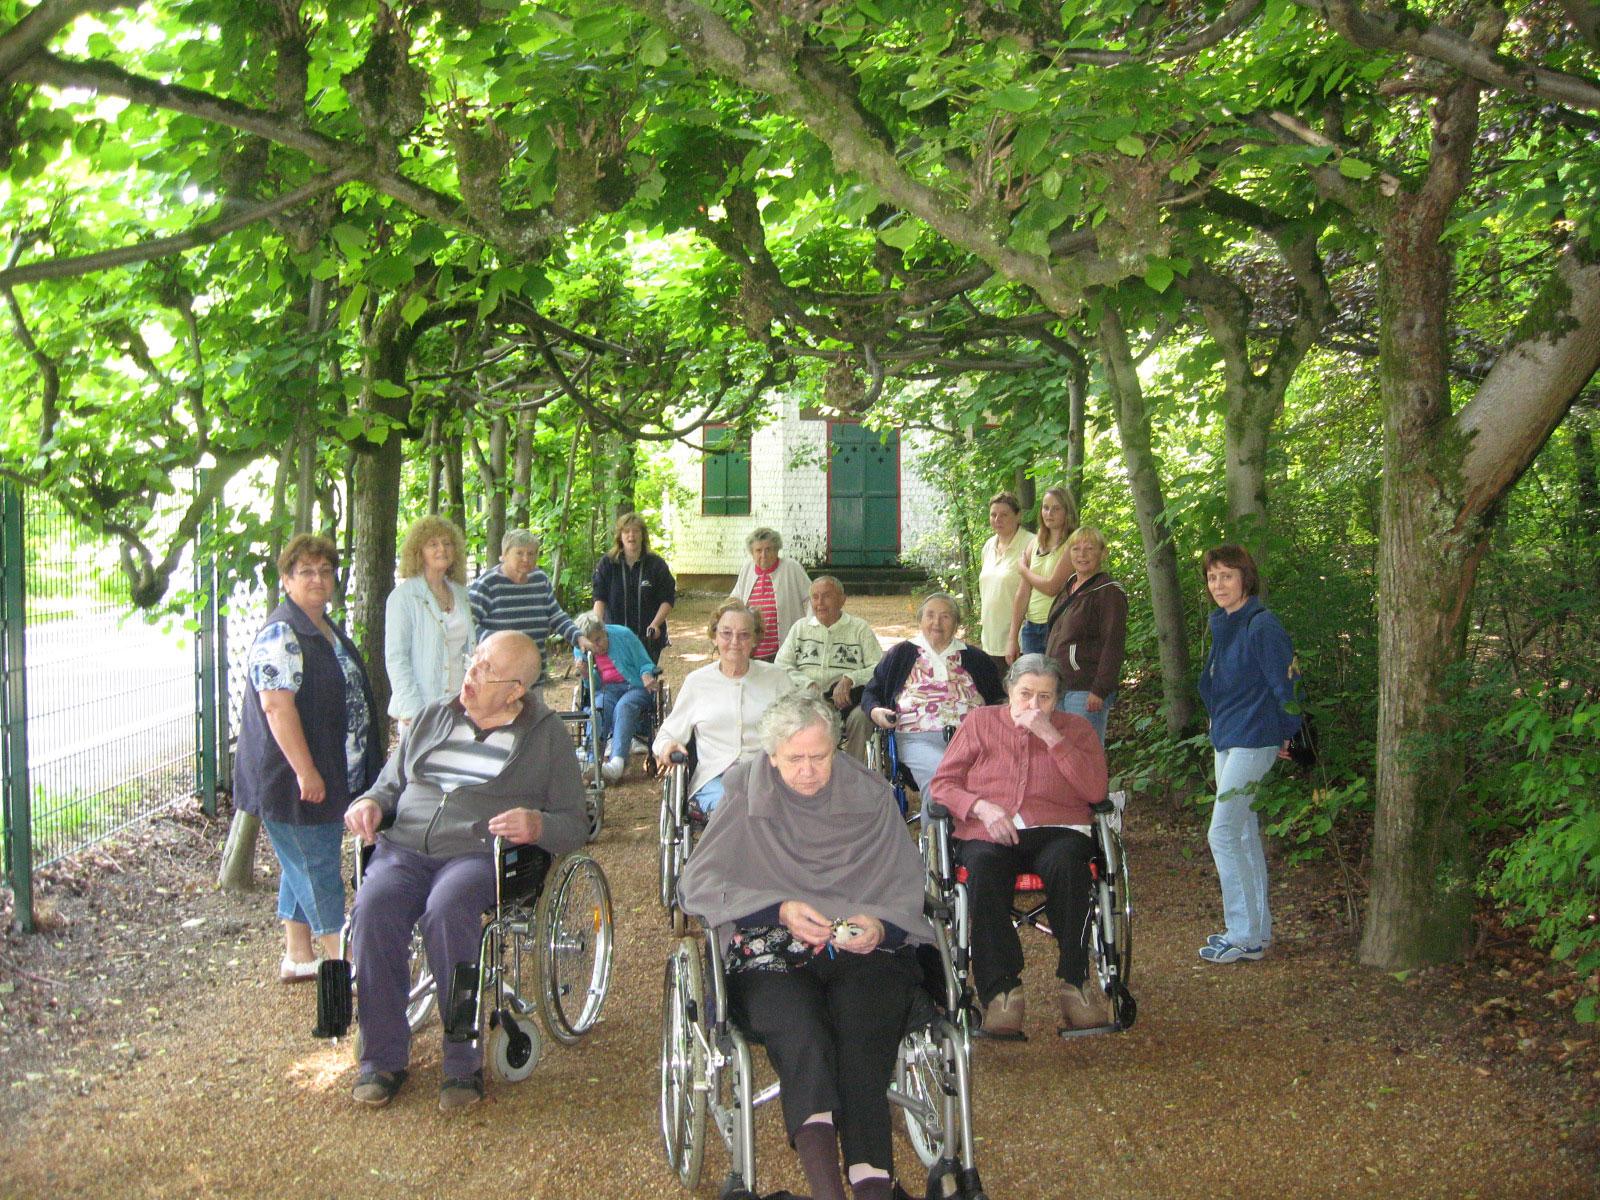 Ausflug von Senioren auf einem Weg mit Bäumen